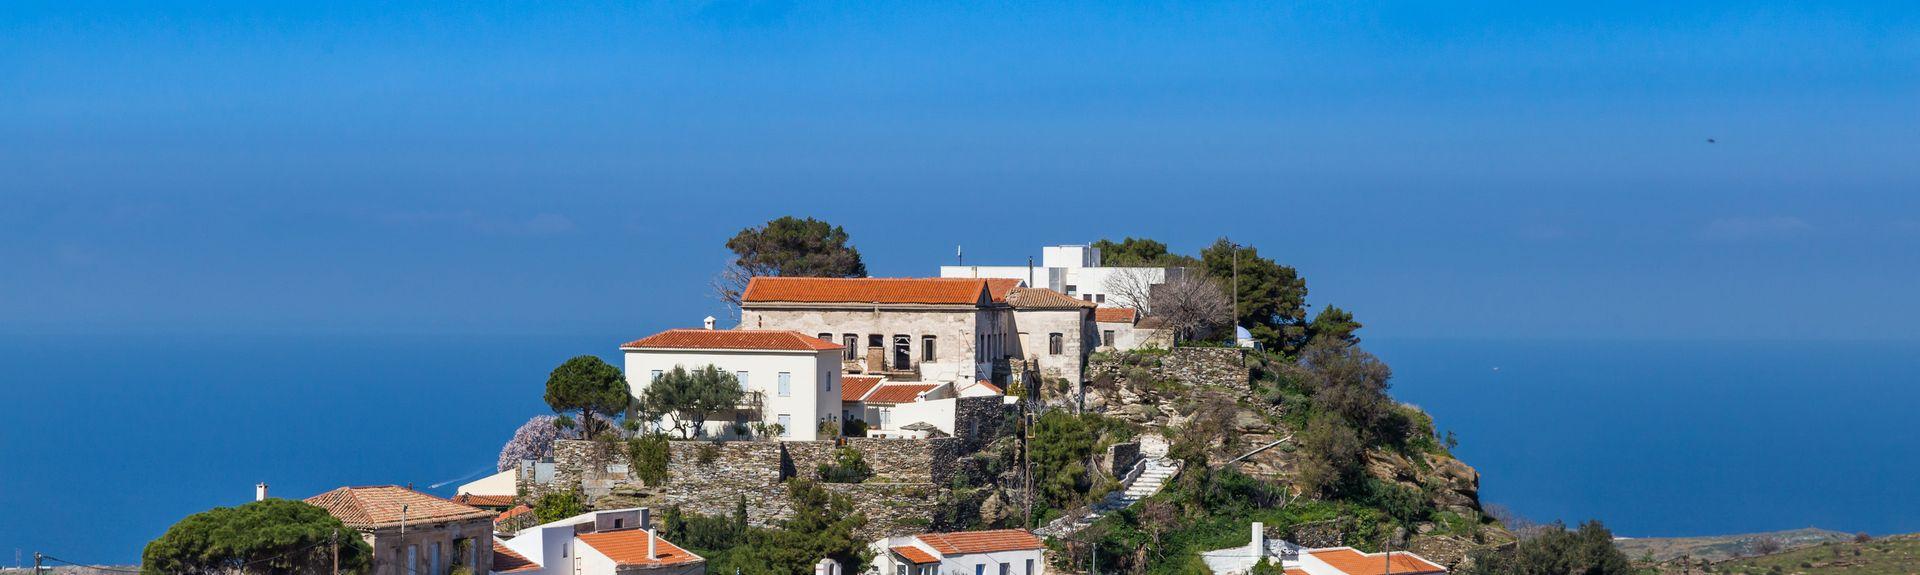 Κέα, Νησιά του Αιγαίου, Ελλάδα